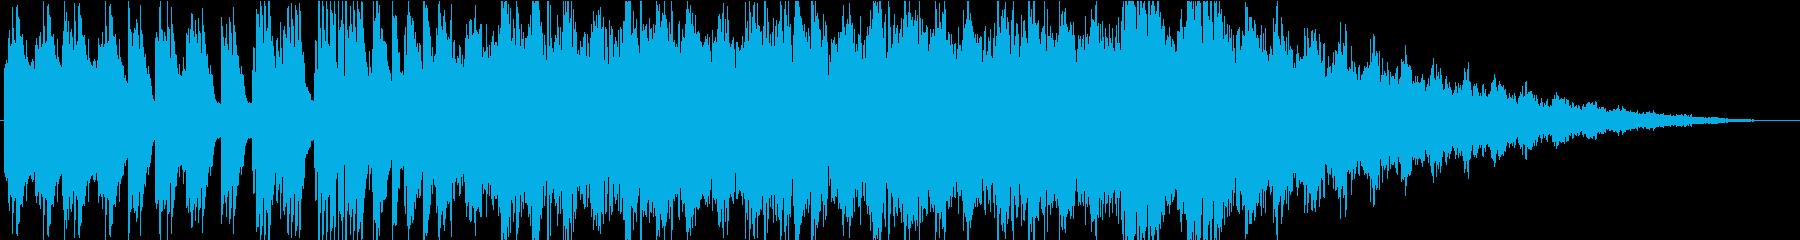 森で彷徨うような幻想的なピアノBGMの再生済みの波形